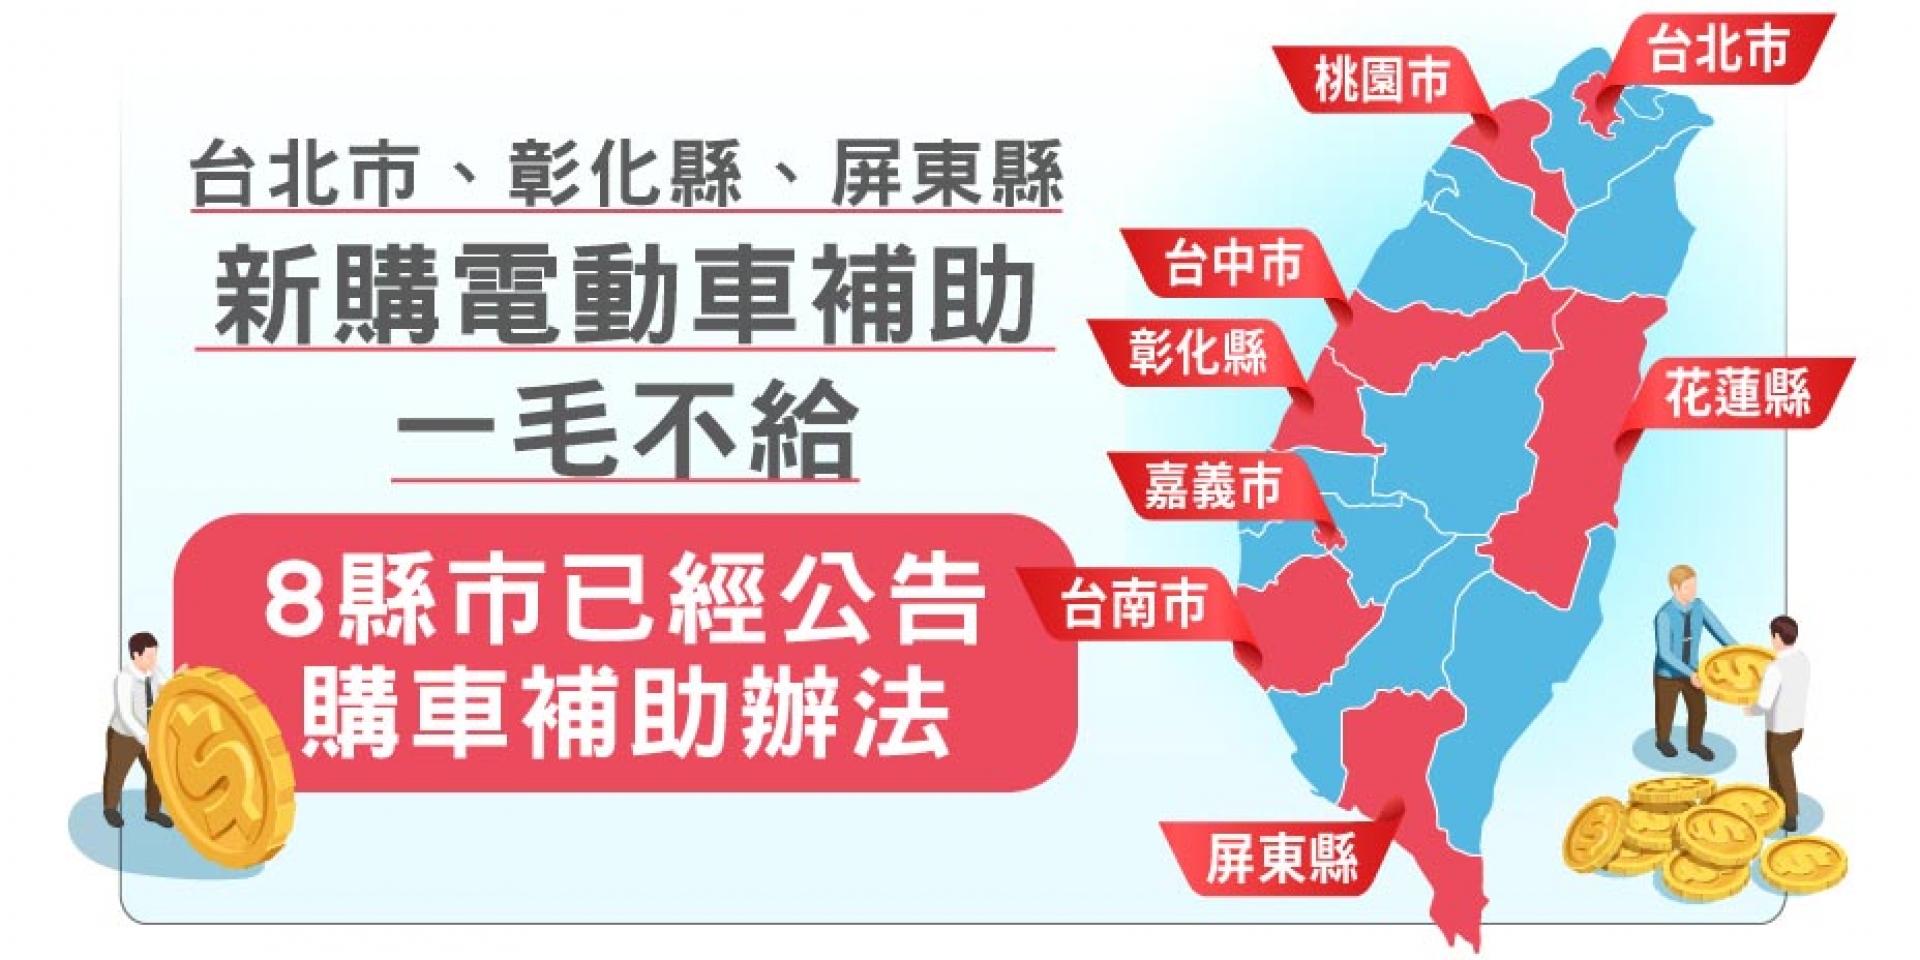 電動車迷崩潰  台北市、彰化、屏東「新購補助」一毛不給 ! 電動車汰舊換新補助大降8成5